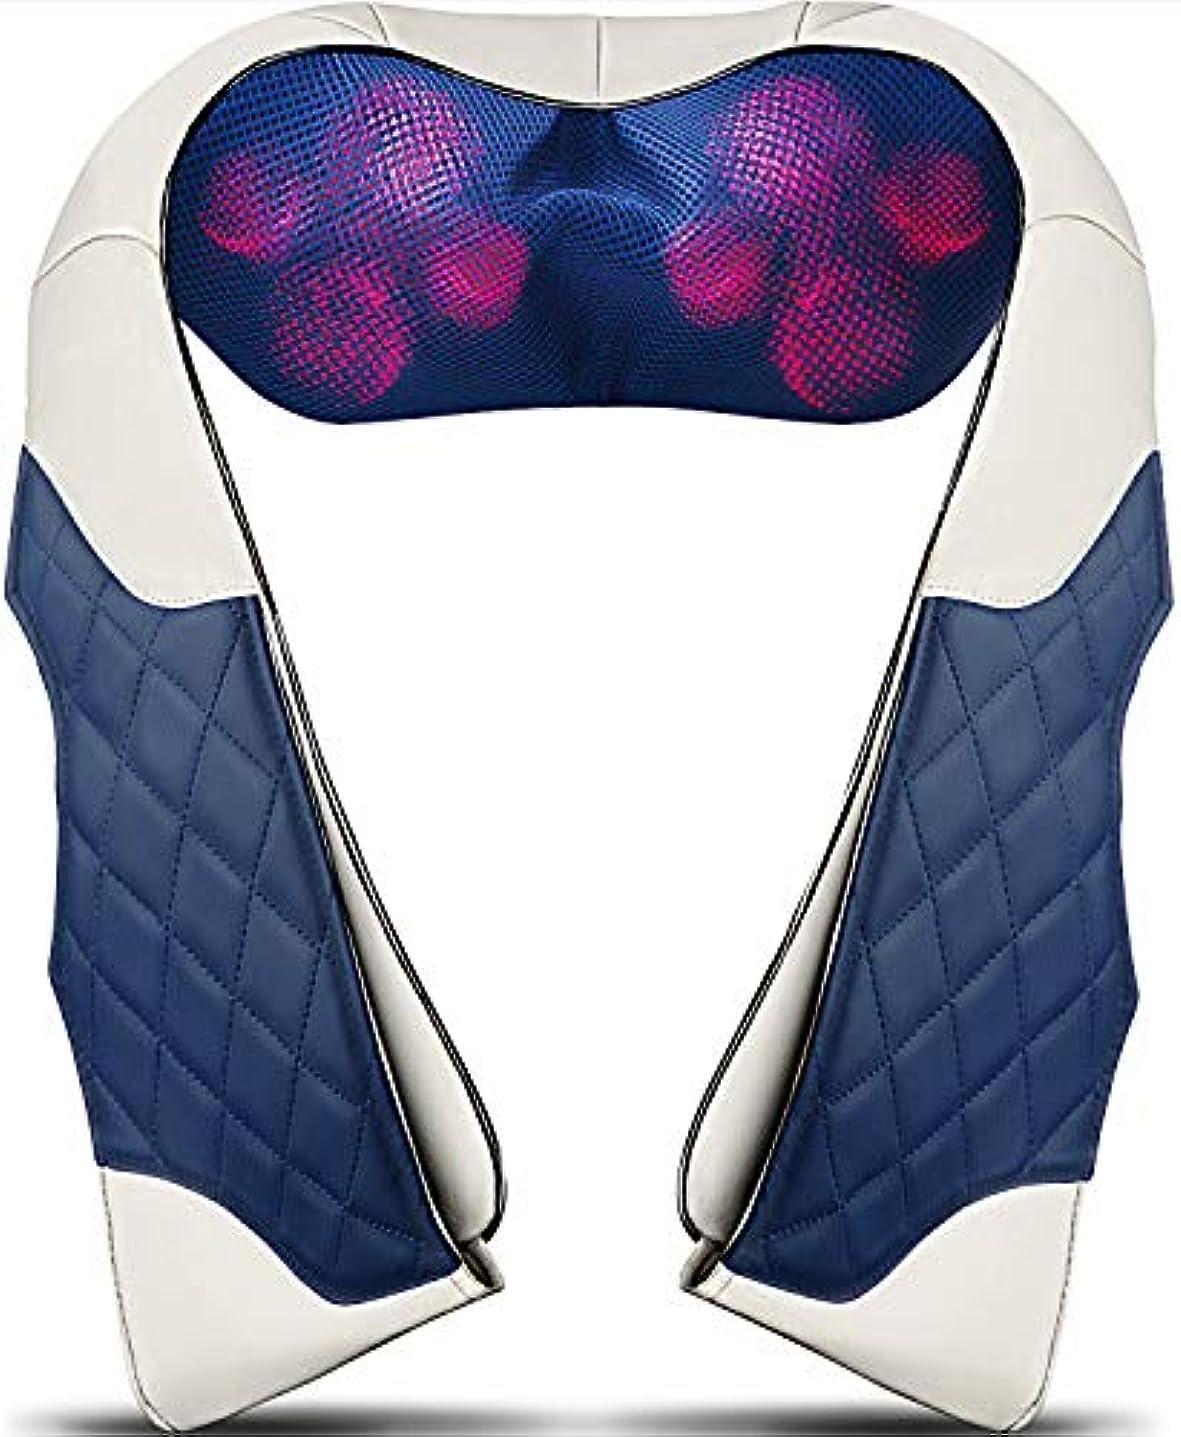 デンマーク熟読いじめっ子Back Massager with Heat - Shiatsu Neck and Back Massager - Electric Back Massage Pillow with Deep Tissue Kneading...